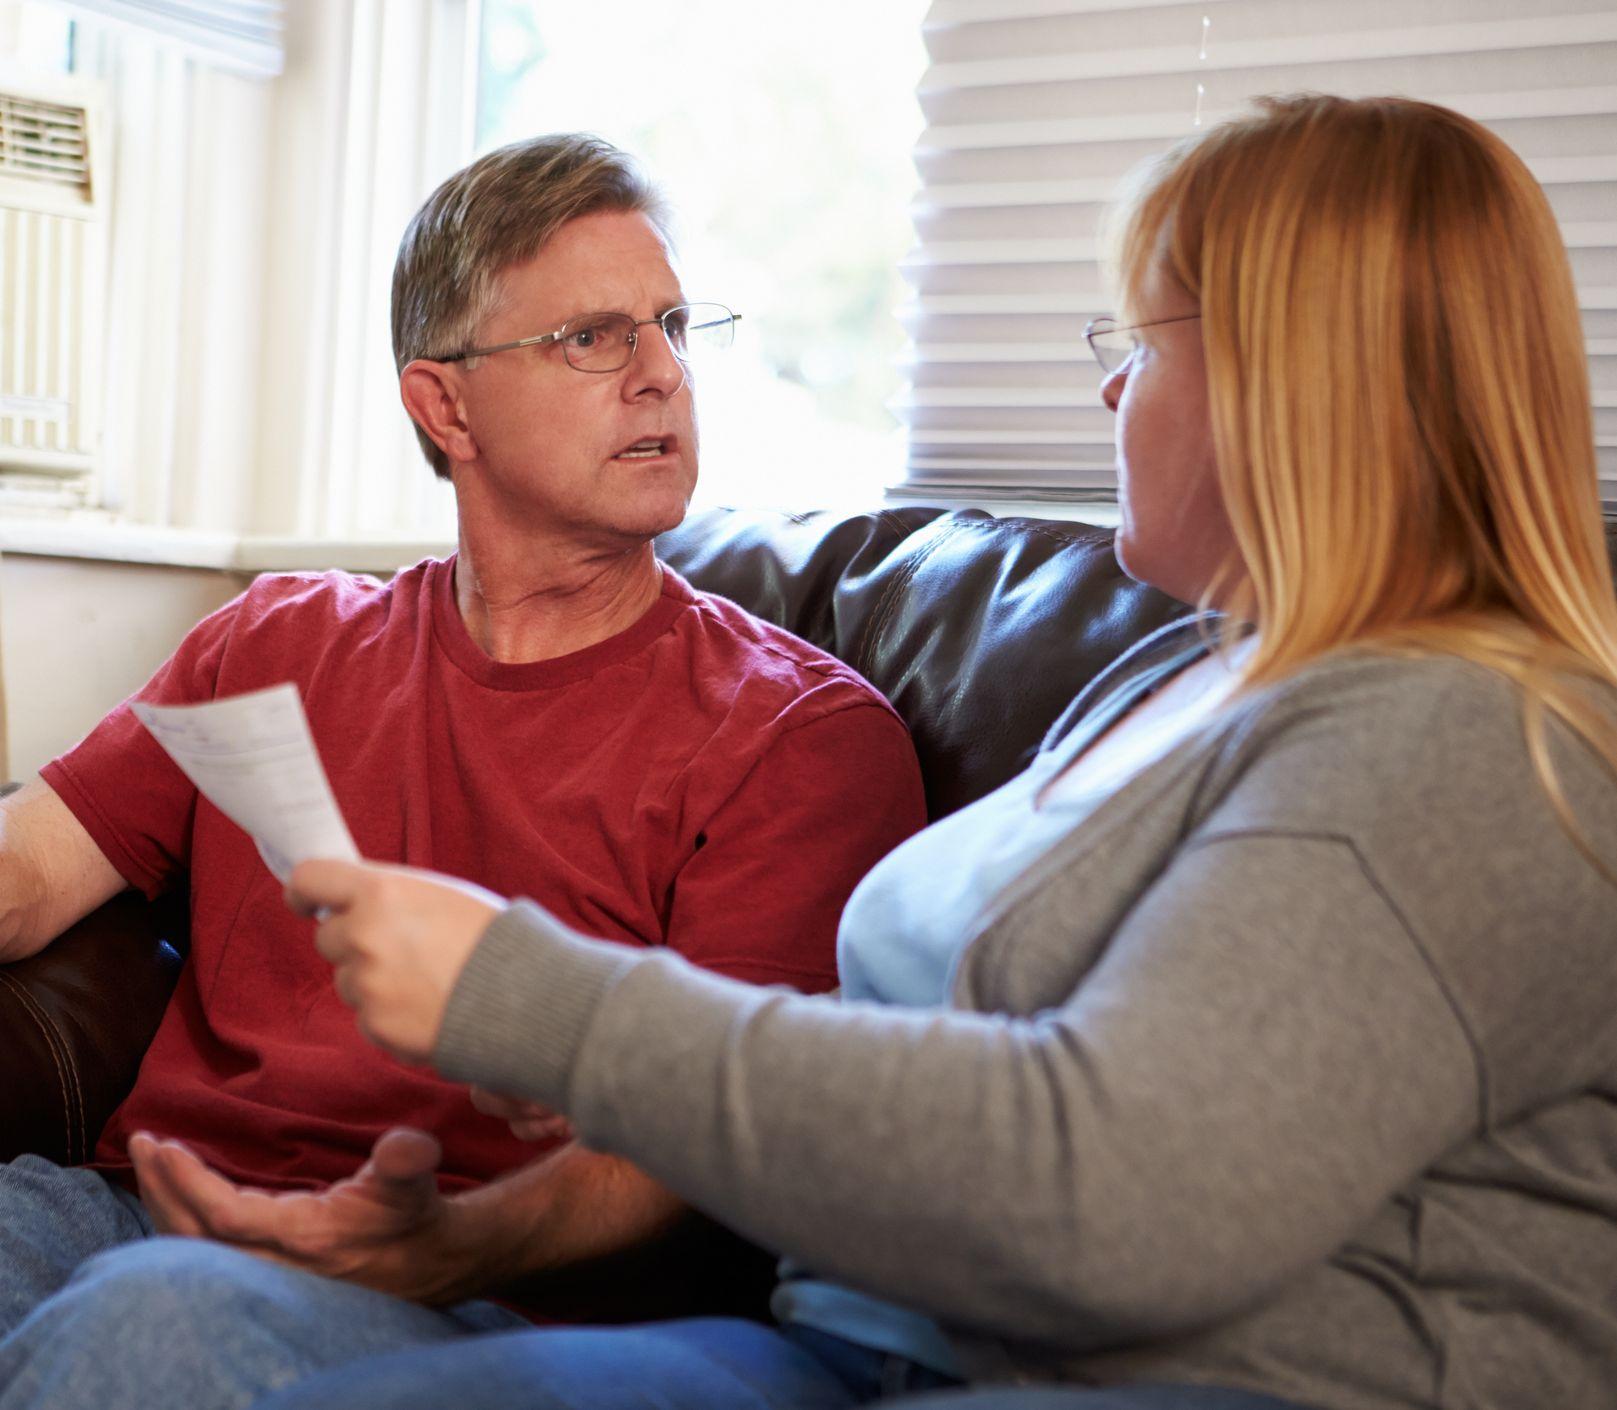 Problémy v manželstvách sa po rokoch môžu prehlbovať: Ako s nimi bojovať?